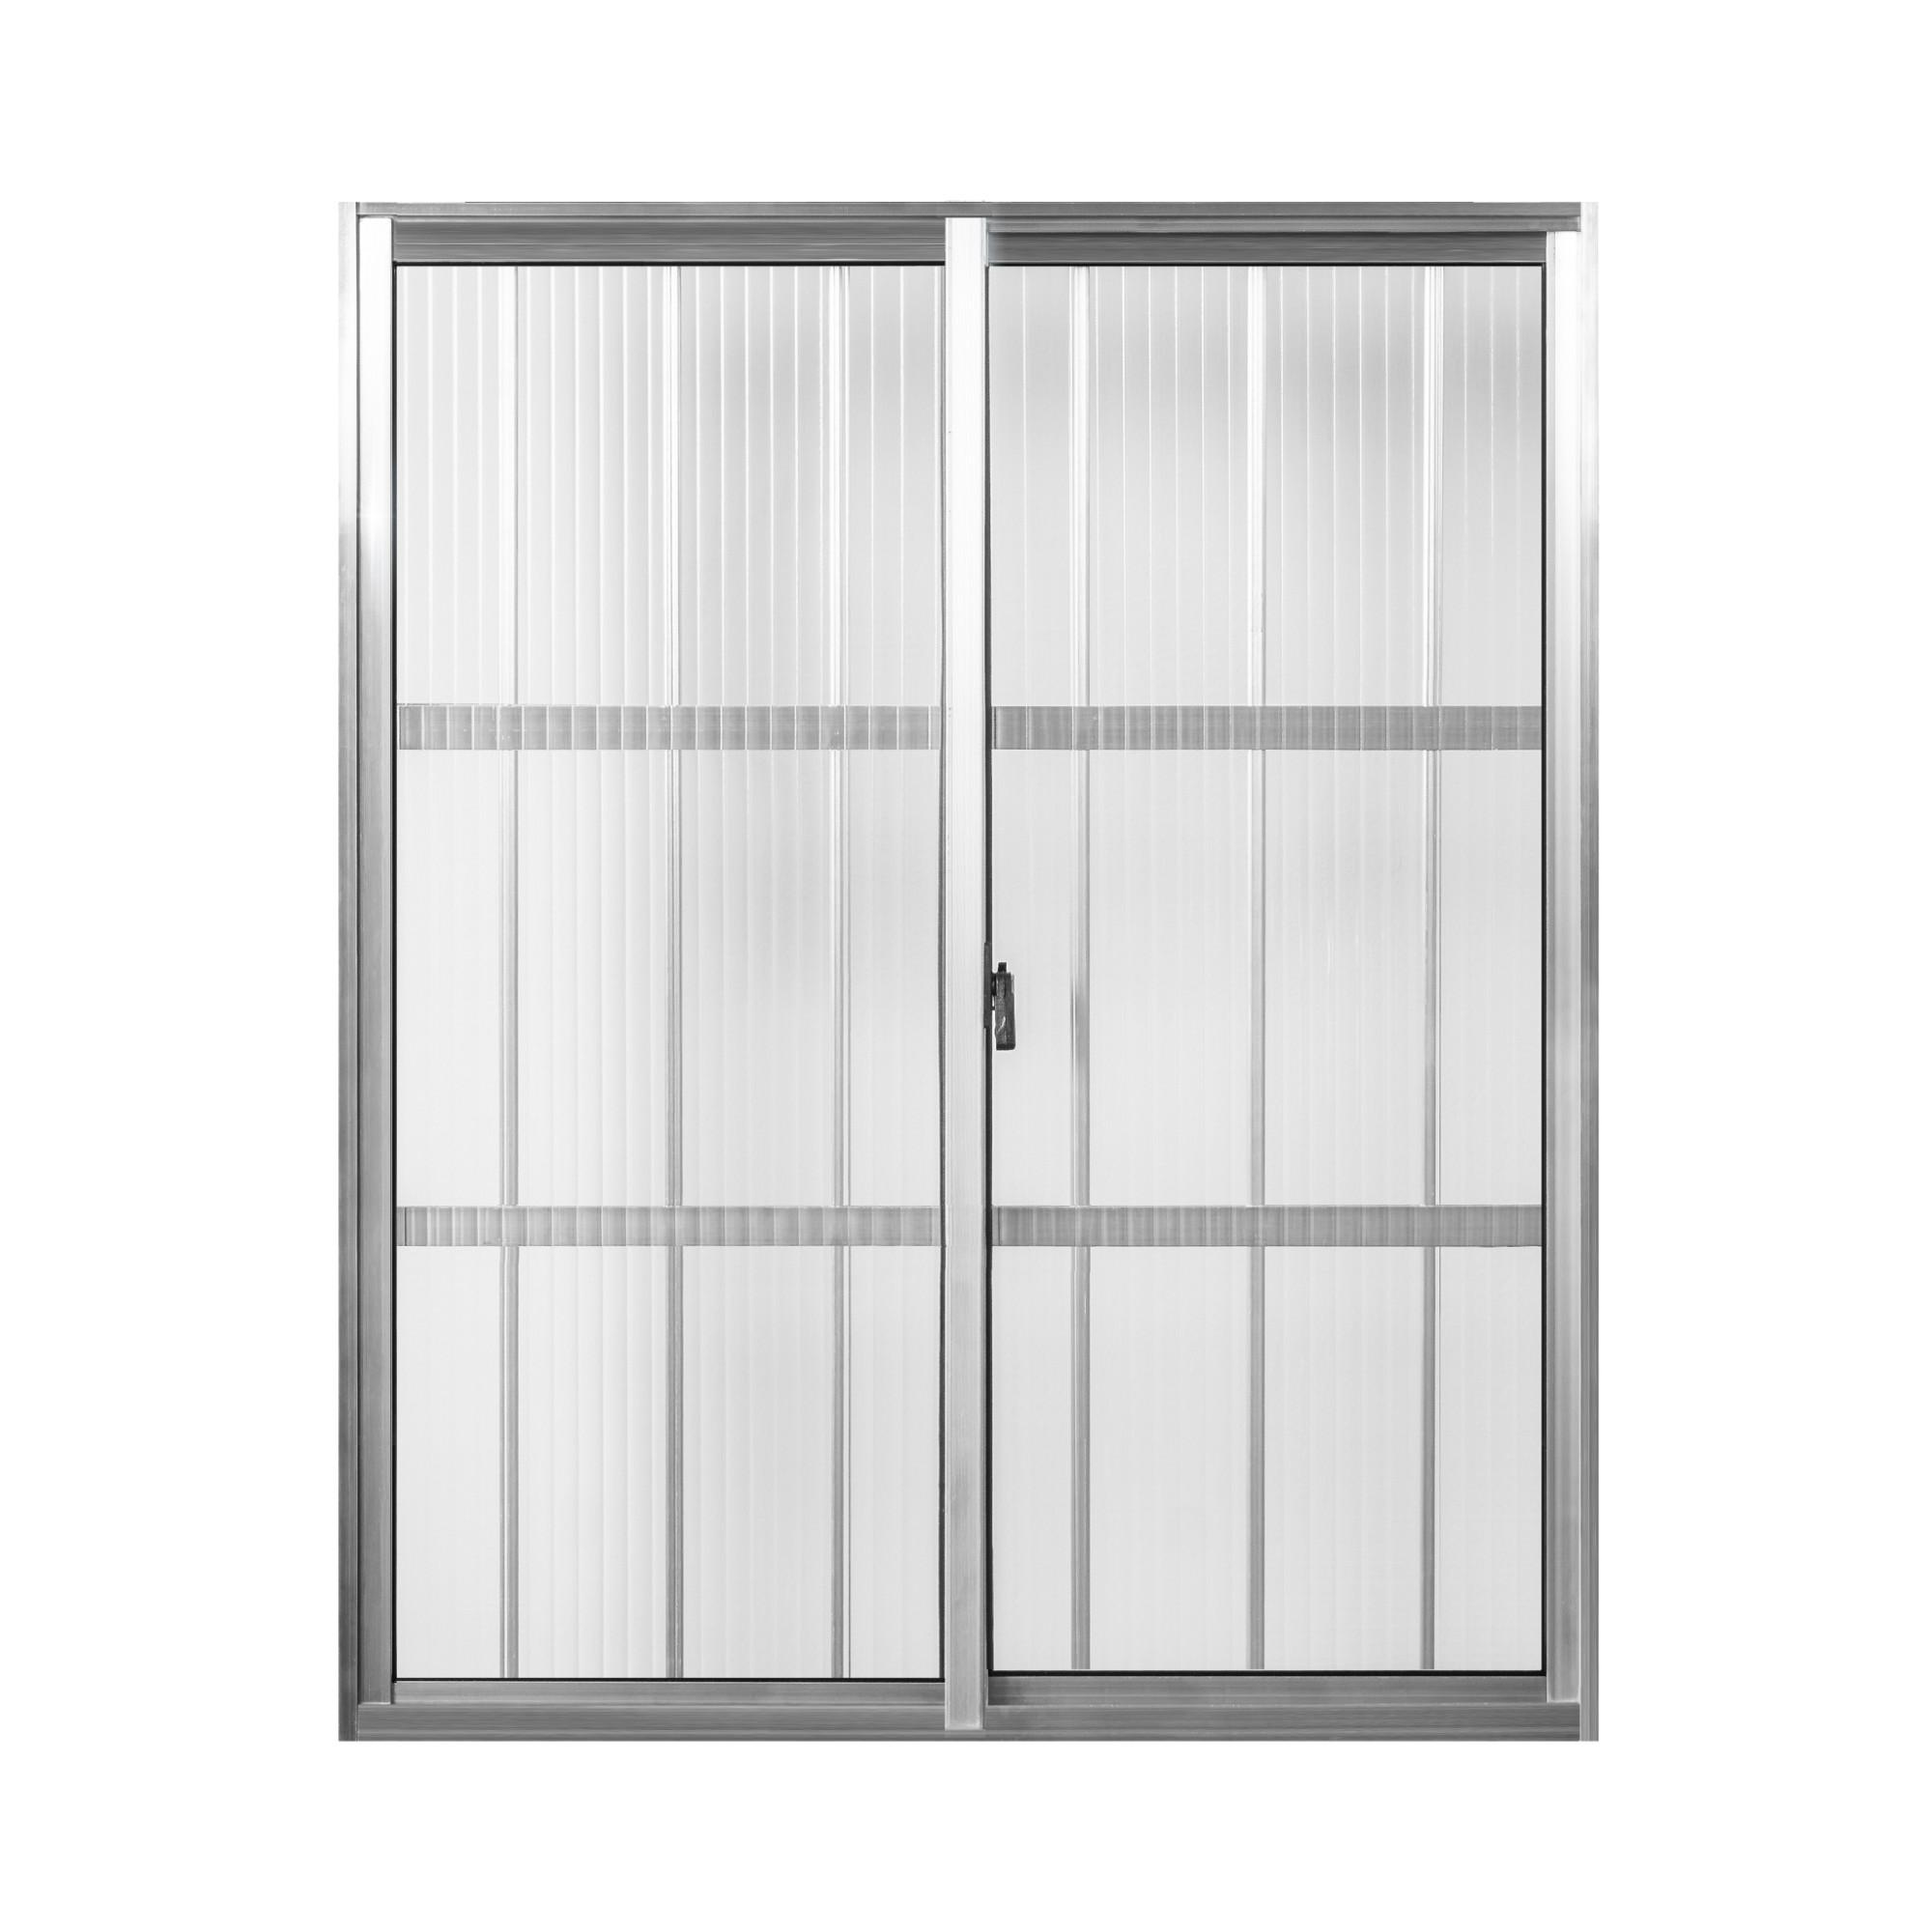 Janela de Correr de Aluminio 2 Folhas com Grade 100x80 cm Tropical - Aluvid